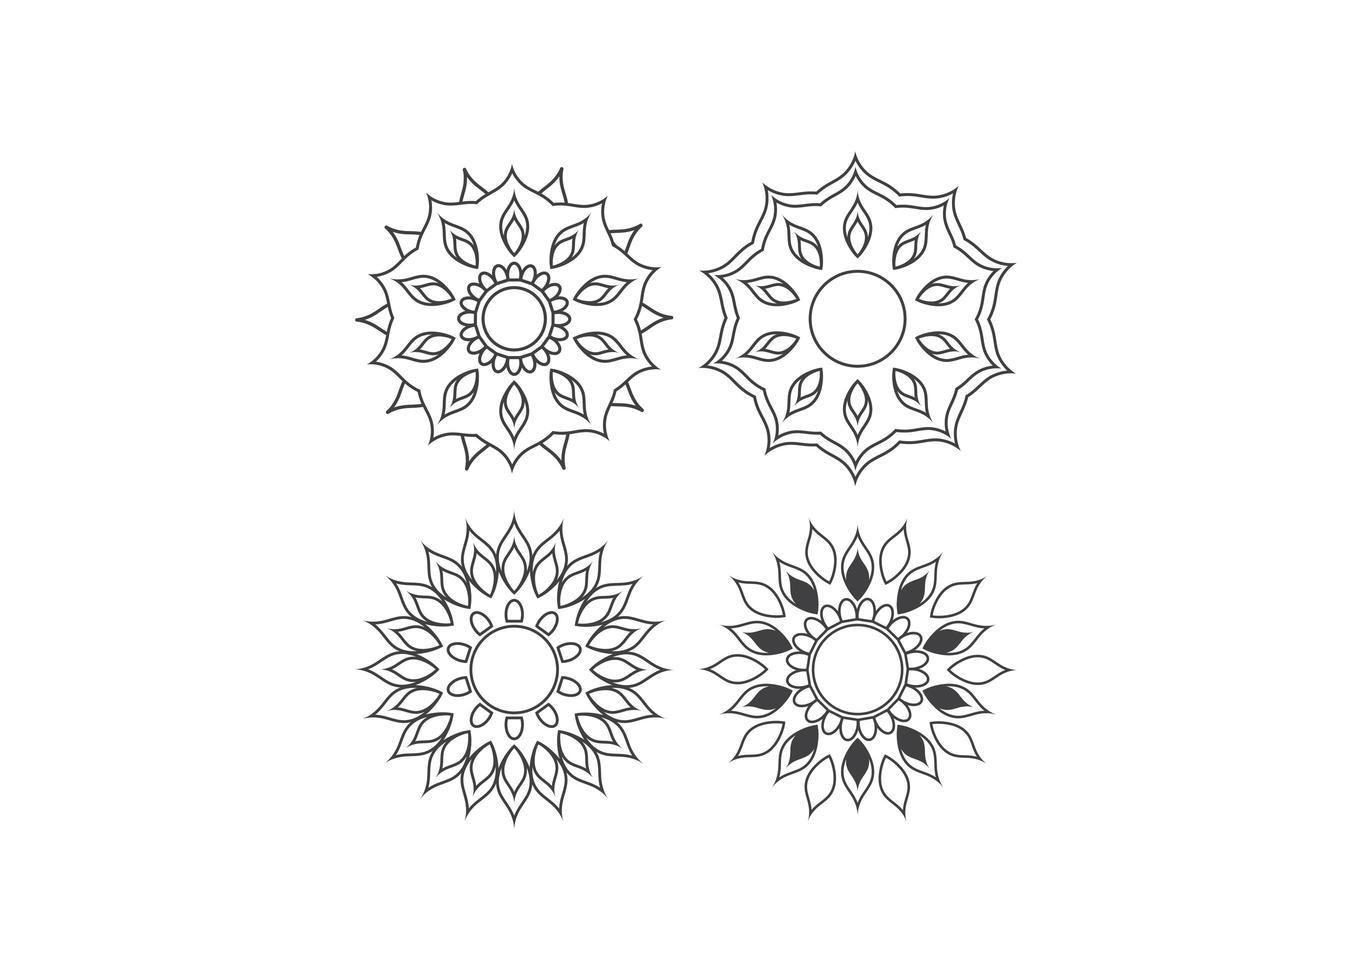 mandala icona modello di disegno vettoriale illustrazione isolato